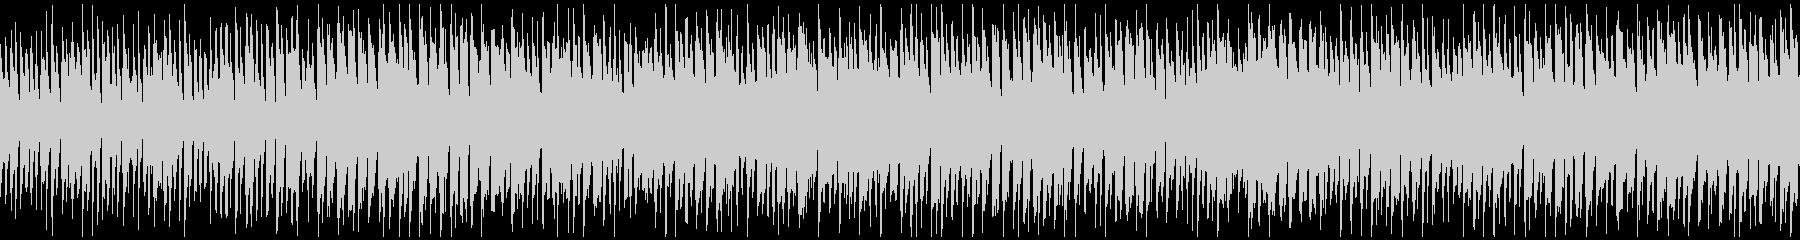 カートゥーン系リコーダー劇伴 ※ループ版の未再生の波形